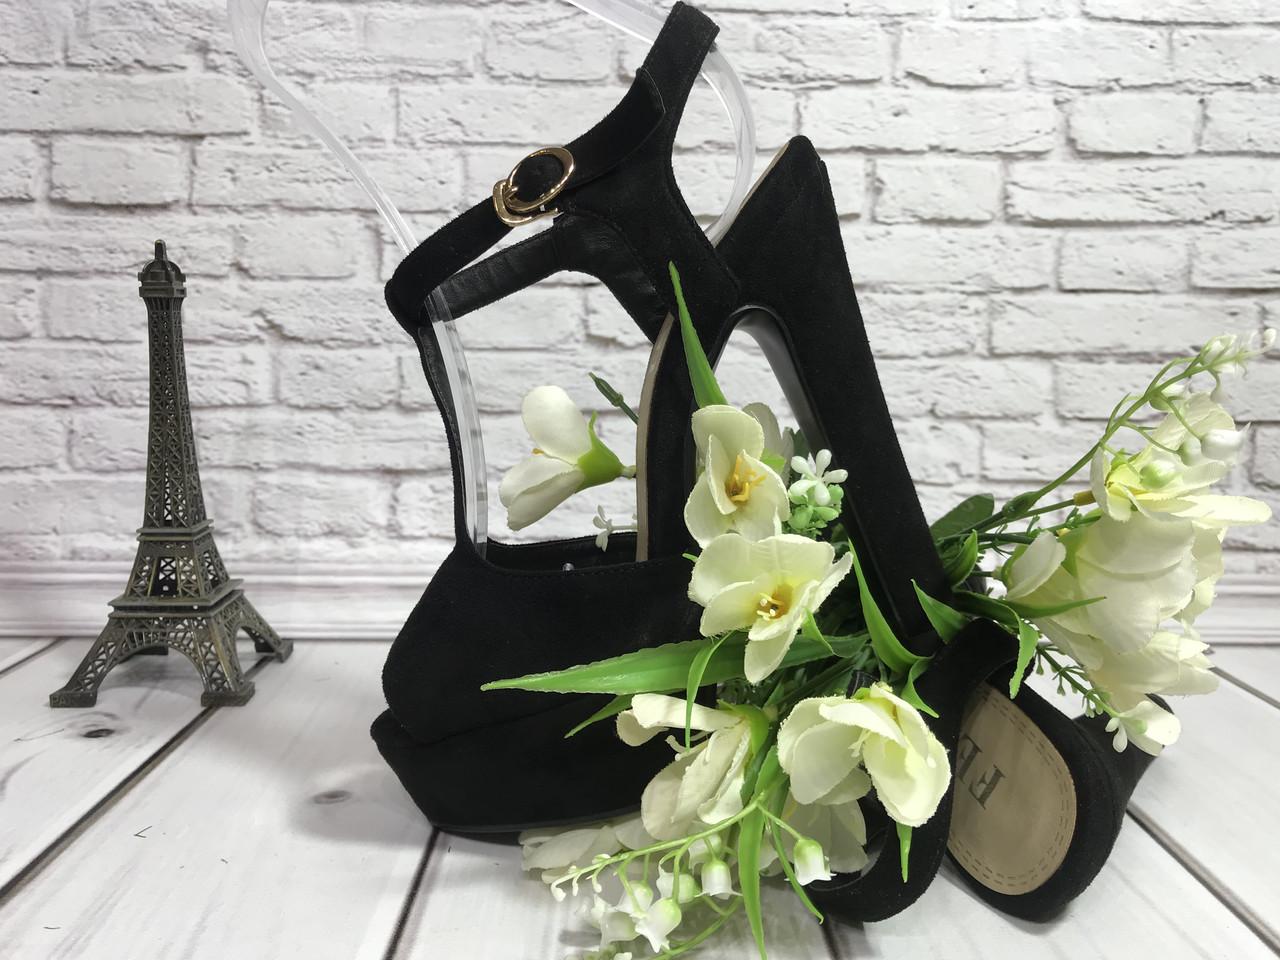 Супер стильные женские босоножки на каблуке из черной замши с перемычкой по подъему. Классический стиль.